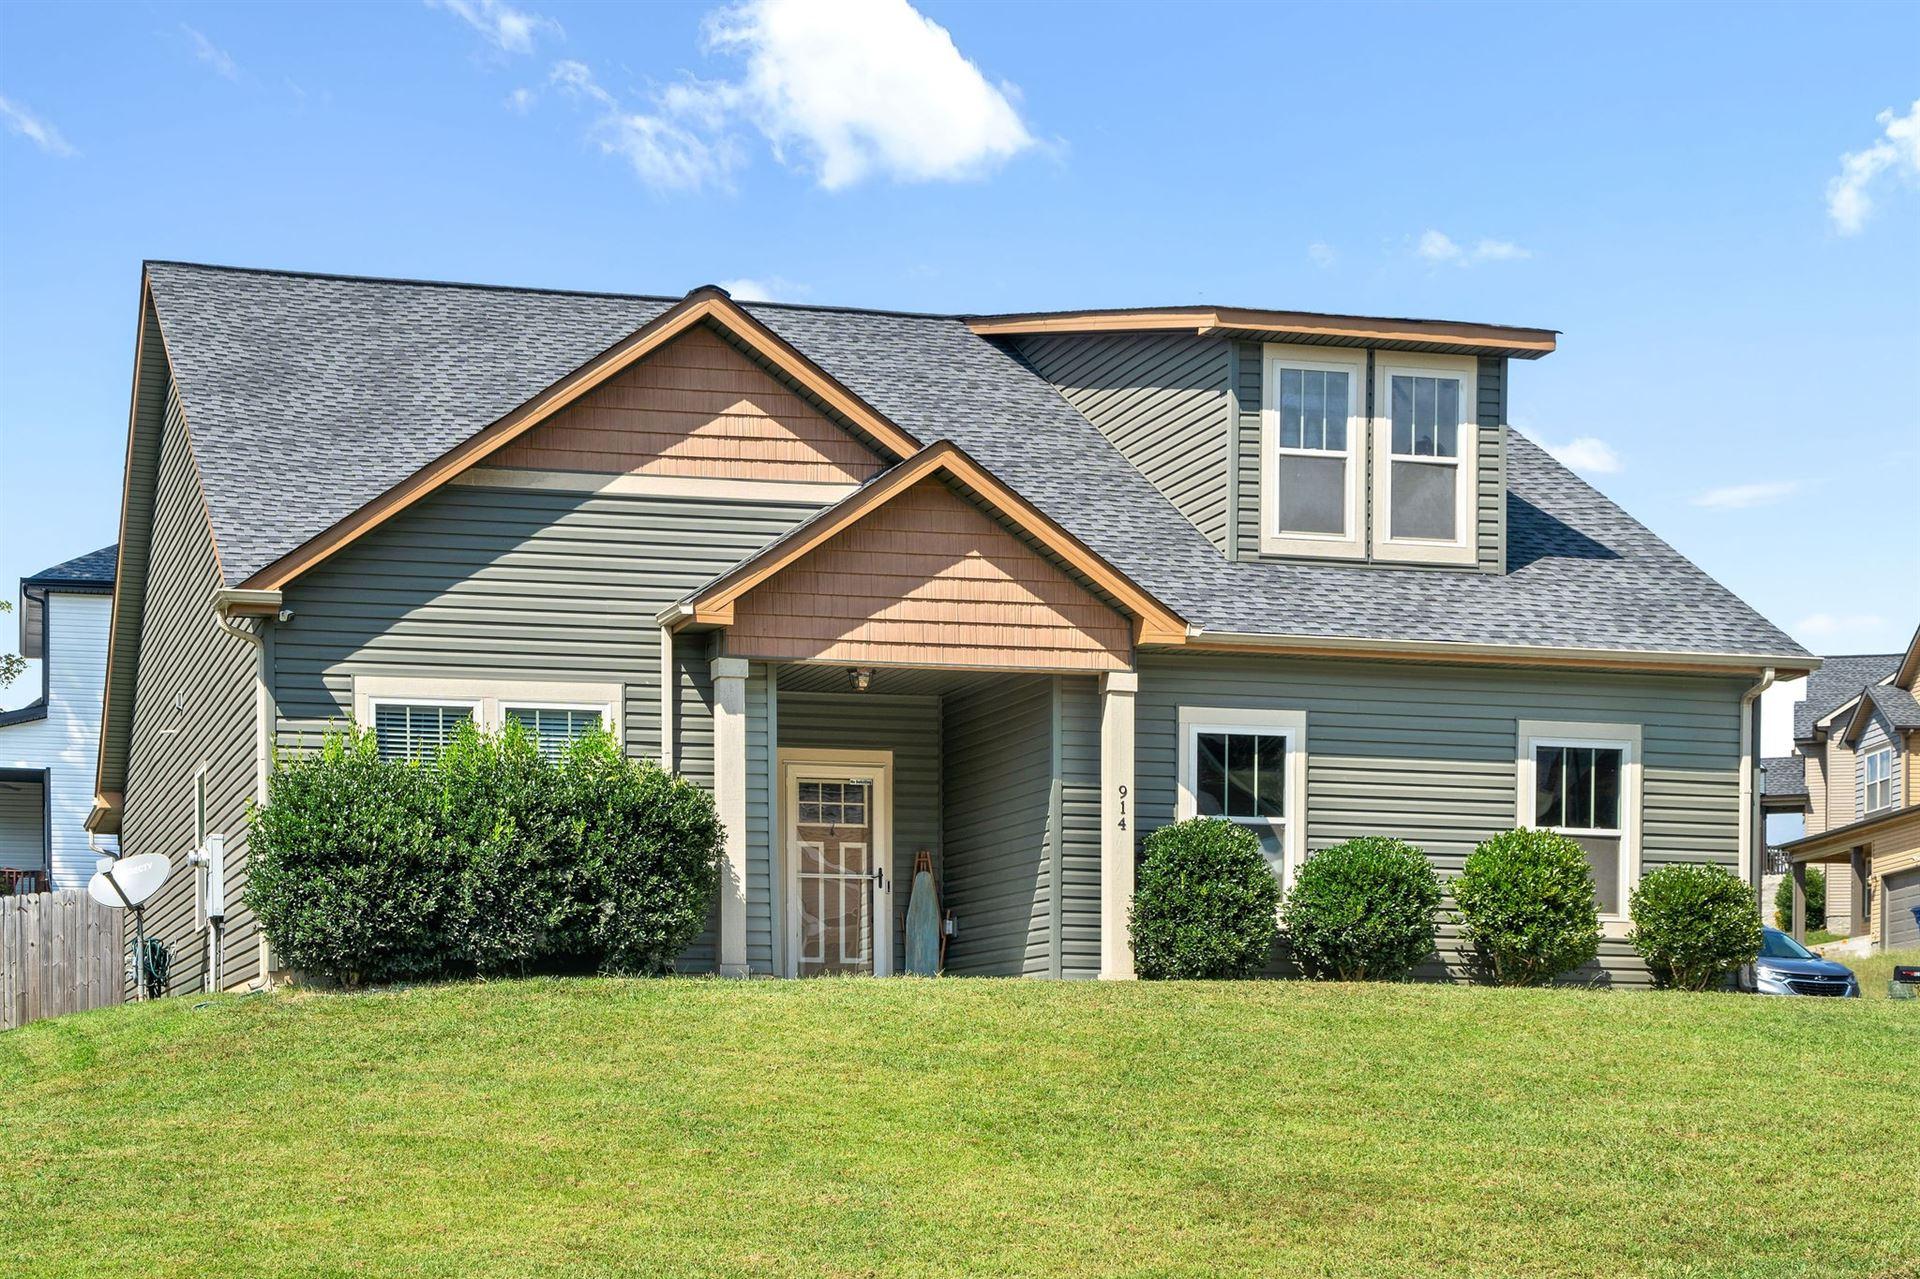 914 Talon Hills Dr, Clarksville, TN 37040 - MLS#: 2291031